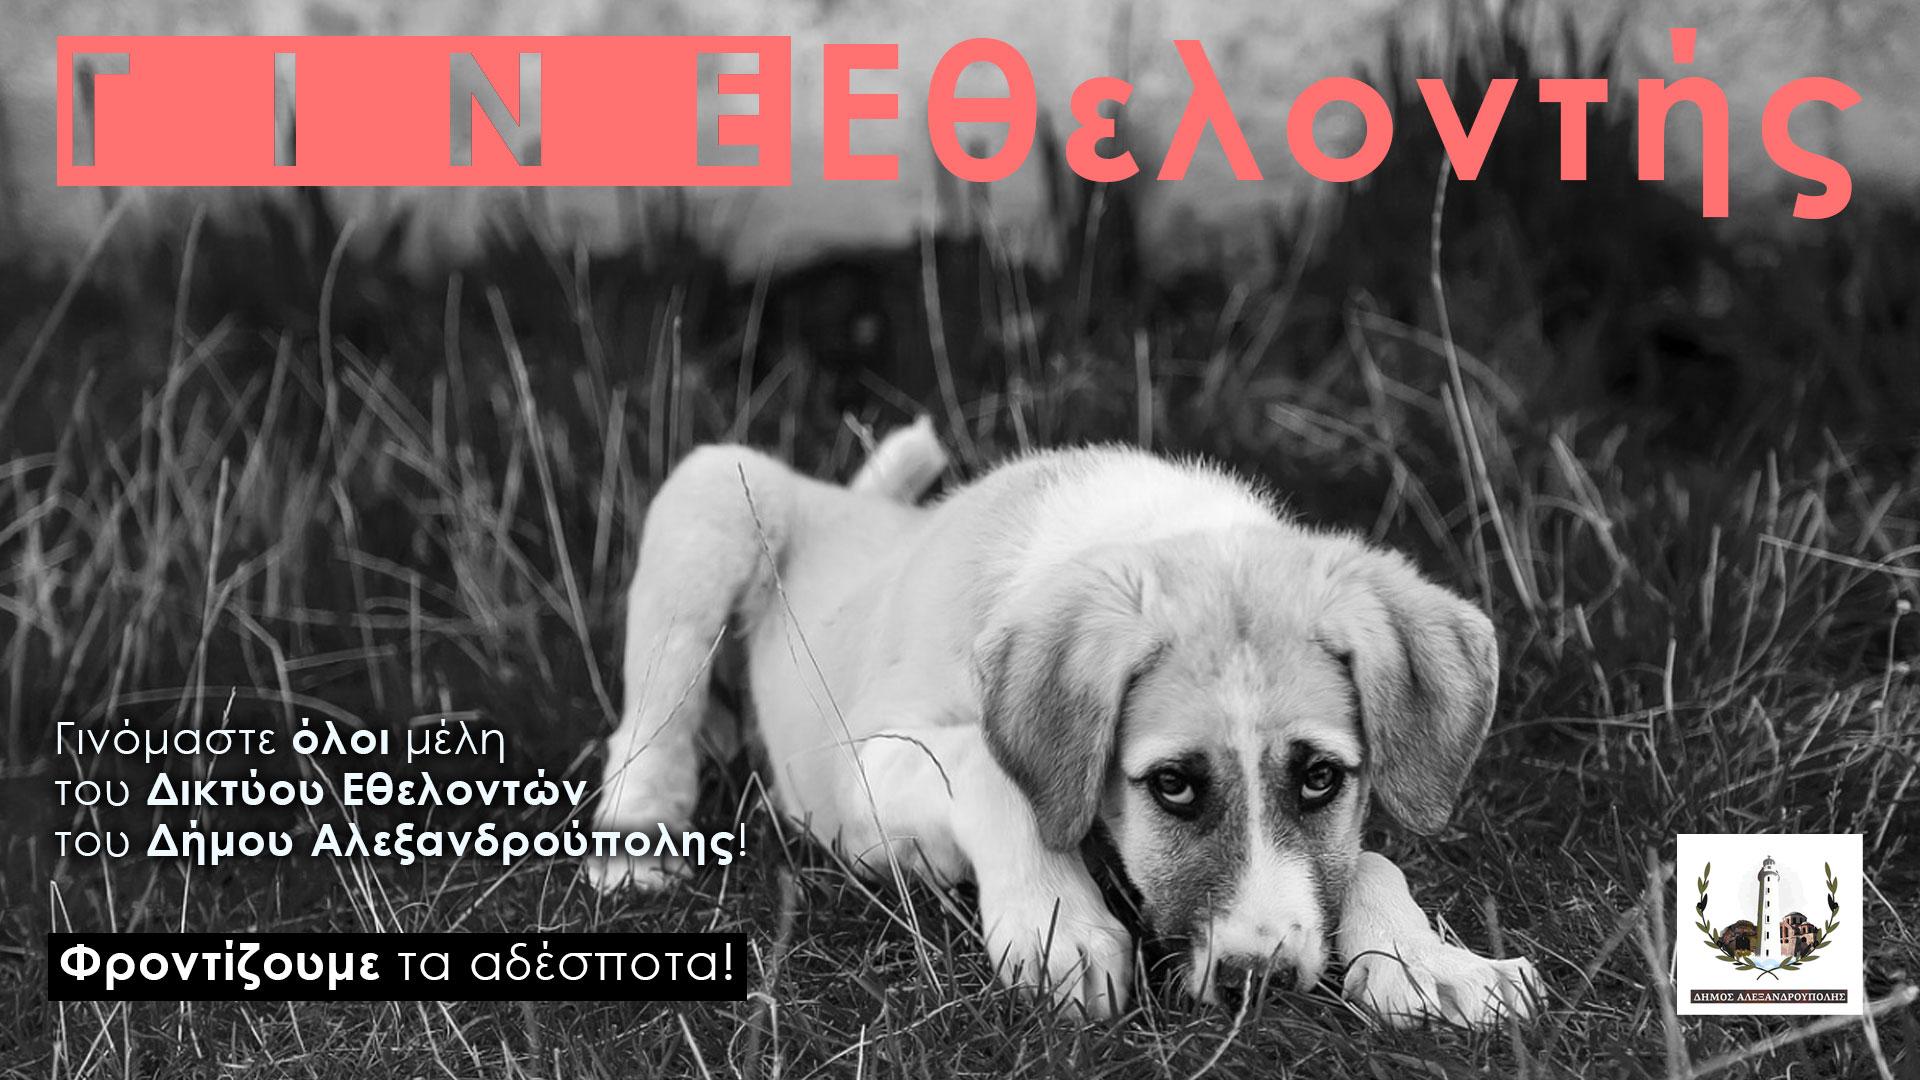 Δήμος Αλεξανδρούπολης: Η διαδικασία για τη βεβαίωση για τη σίτιση αδέσποτων